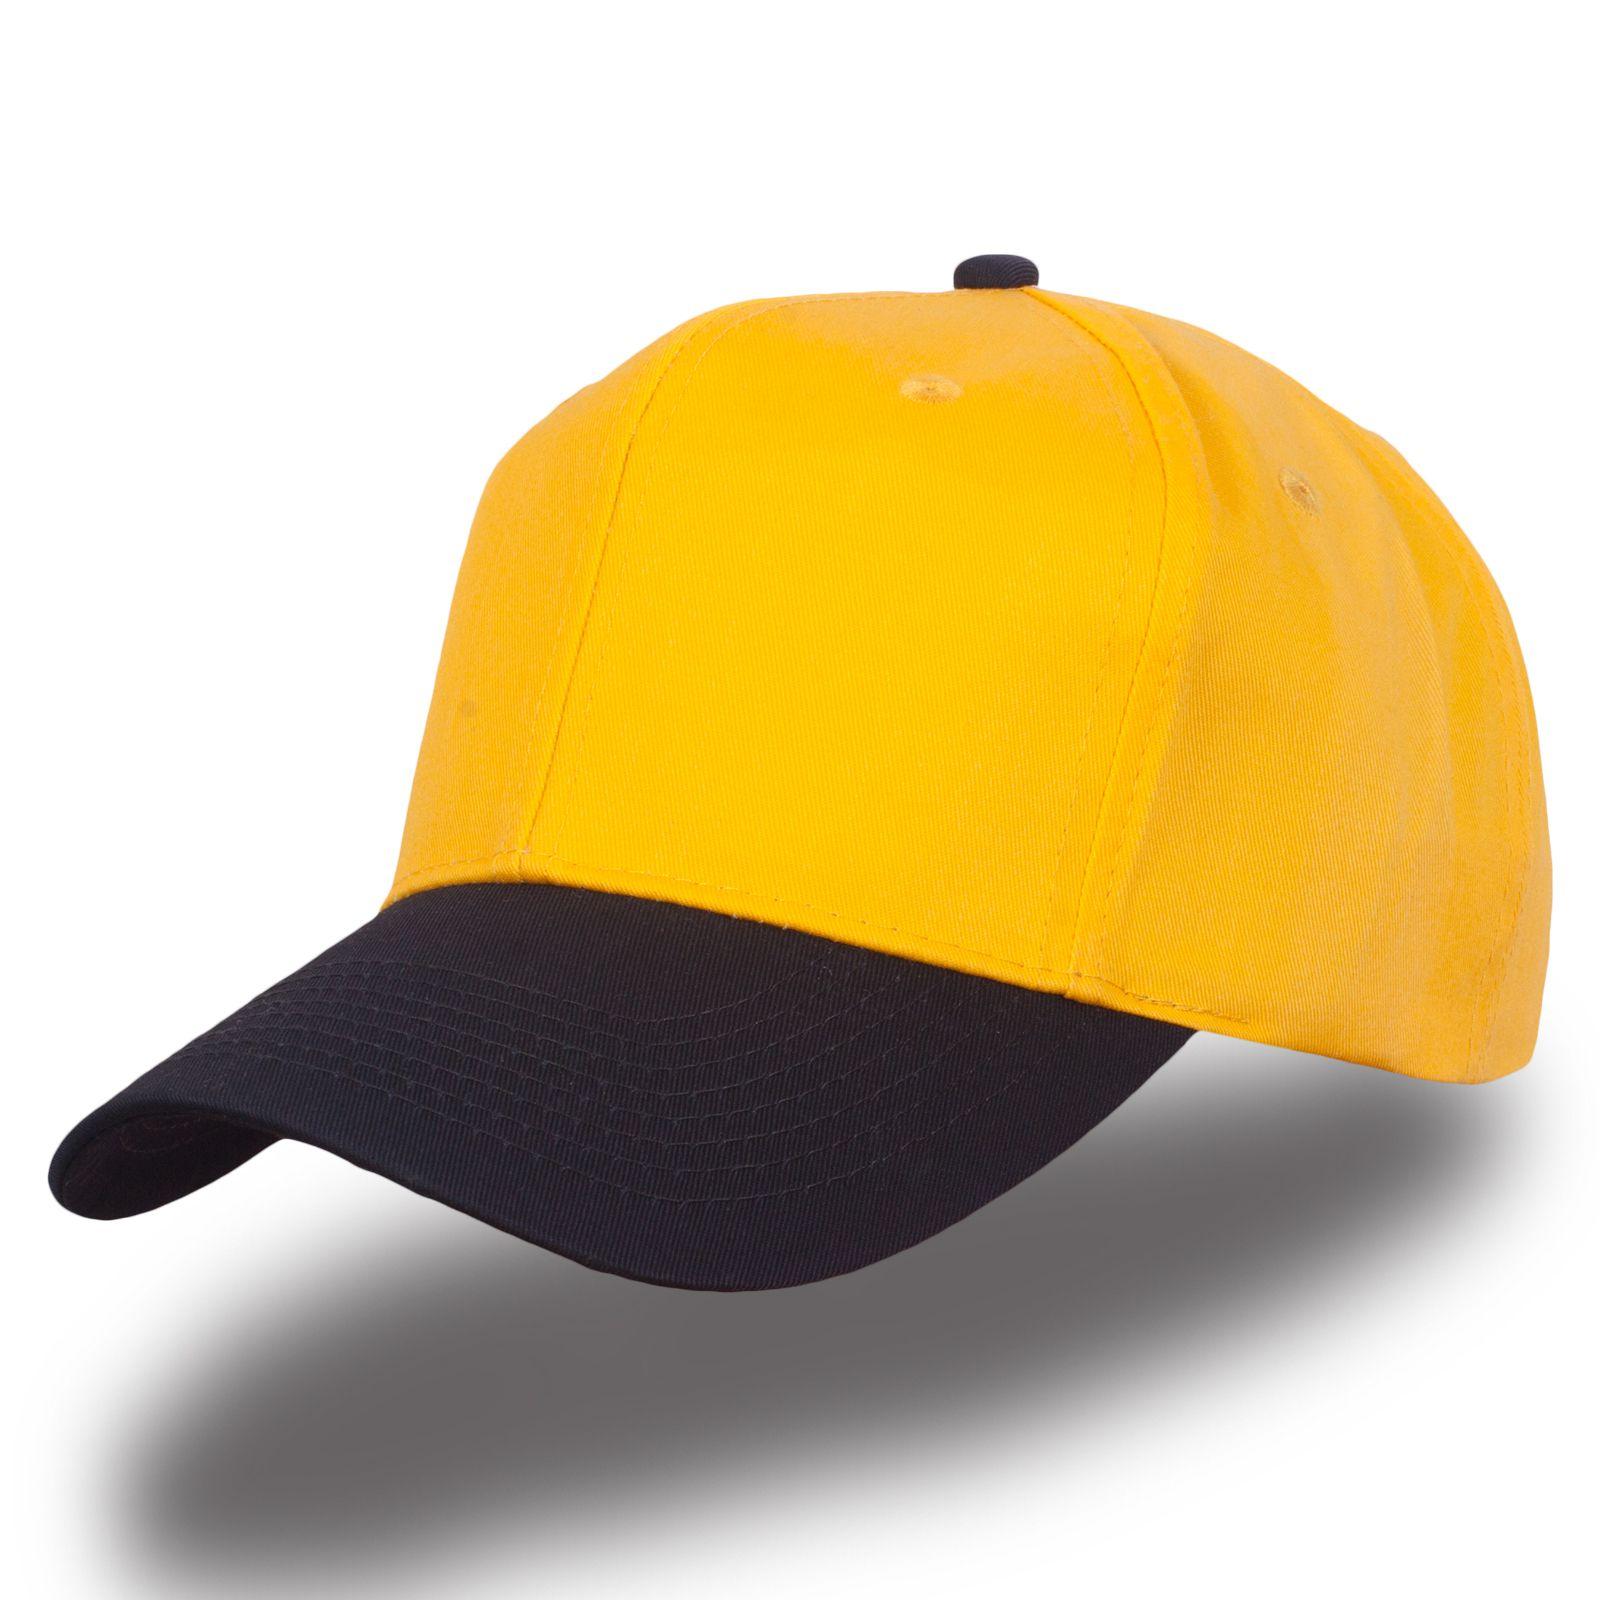 Желтая кепка - купить в интернет-магазине с доставкой